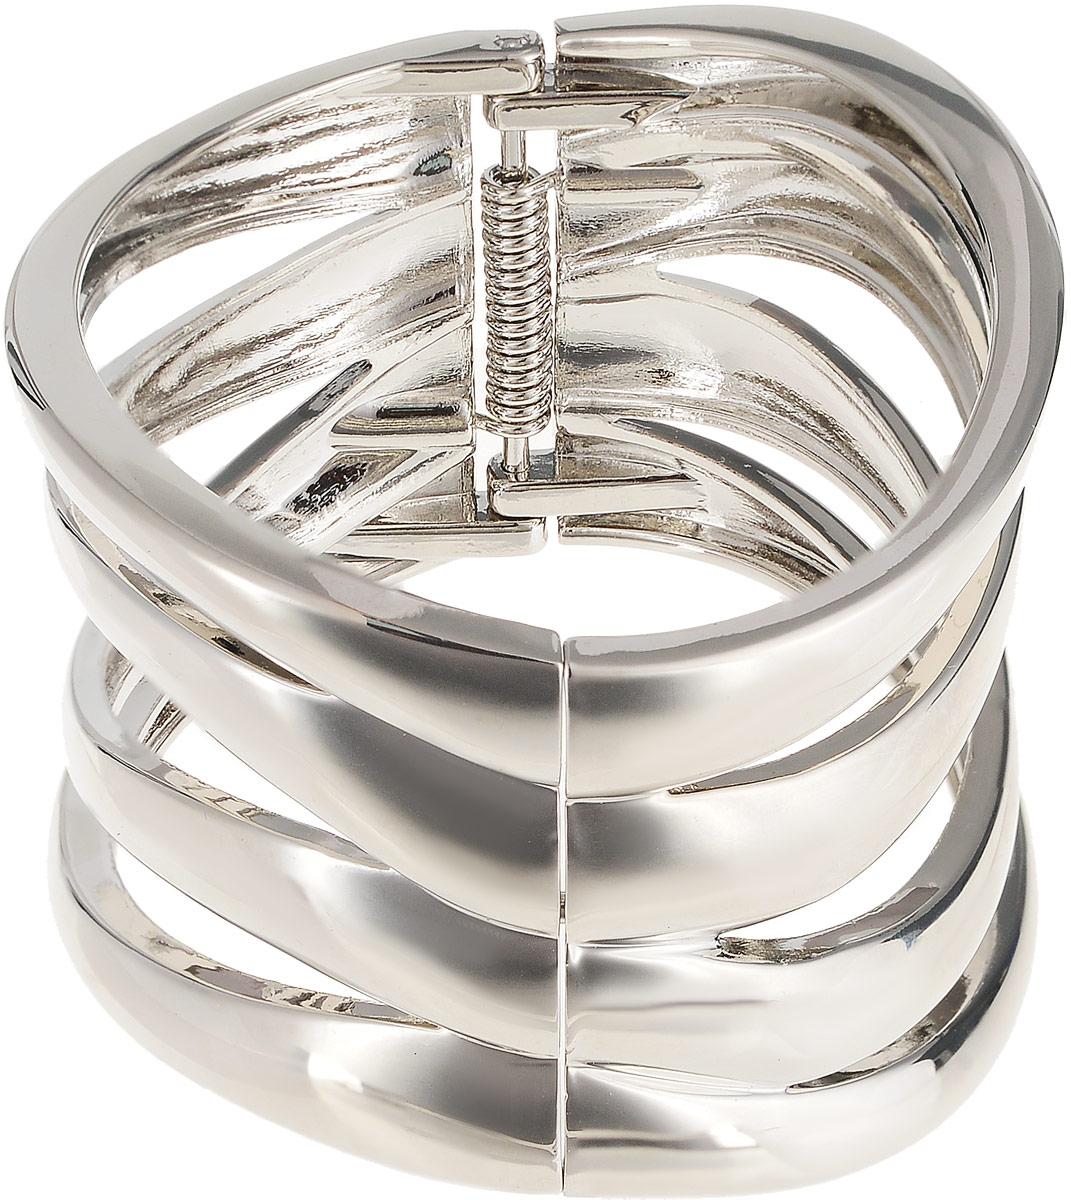 Браслет Каир. Гипоаллергенный ювелирный сплав серебряного тона. Segura, ИспанияБраслет с подвескамиБраслет Каир.Гипоаллергенный ювелирный сплав серебряного тона.Segura, Испания.Размер: диаметр 6,5 см, браслет подойдет на любой размер.